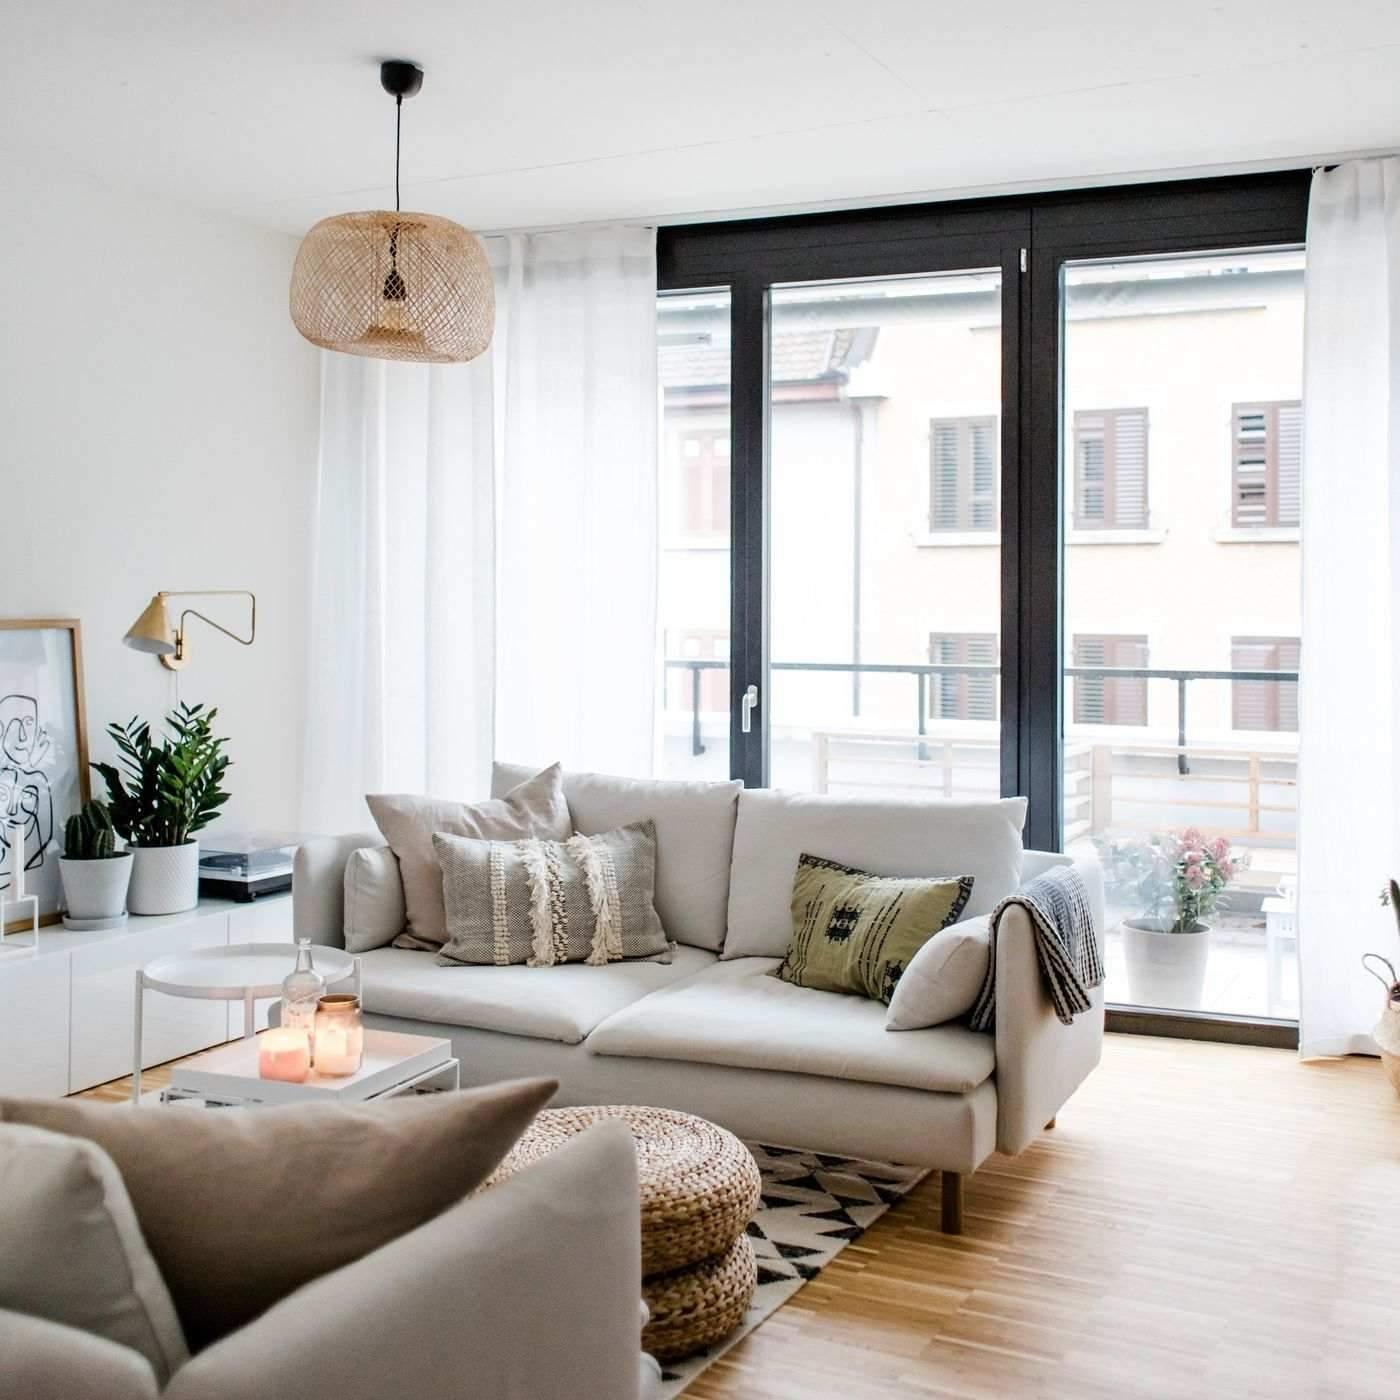 Full Size of Wohnzimmer Einrichten Modern 32 Luxus Kleine Genial Kamin Sofa Kleines Moderne Bilder Fürs Deckenleuchte Esstische Decken Rollo Vinylboden Relaxliege Wohnzimmer Wohnzimmer Einrichten Modern